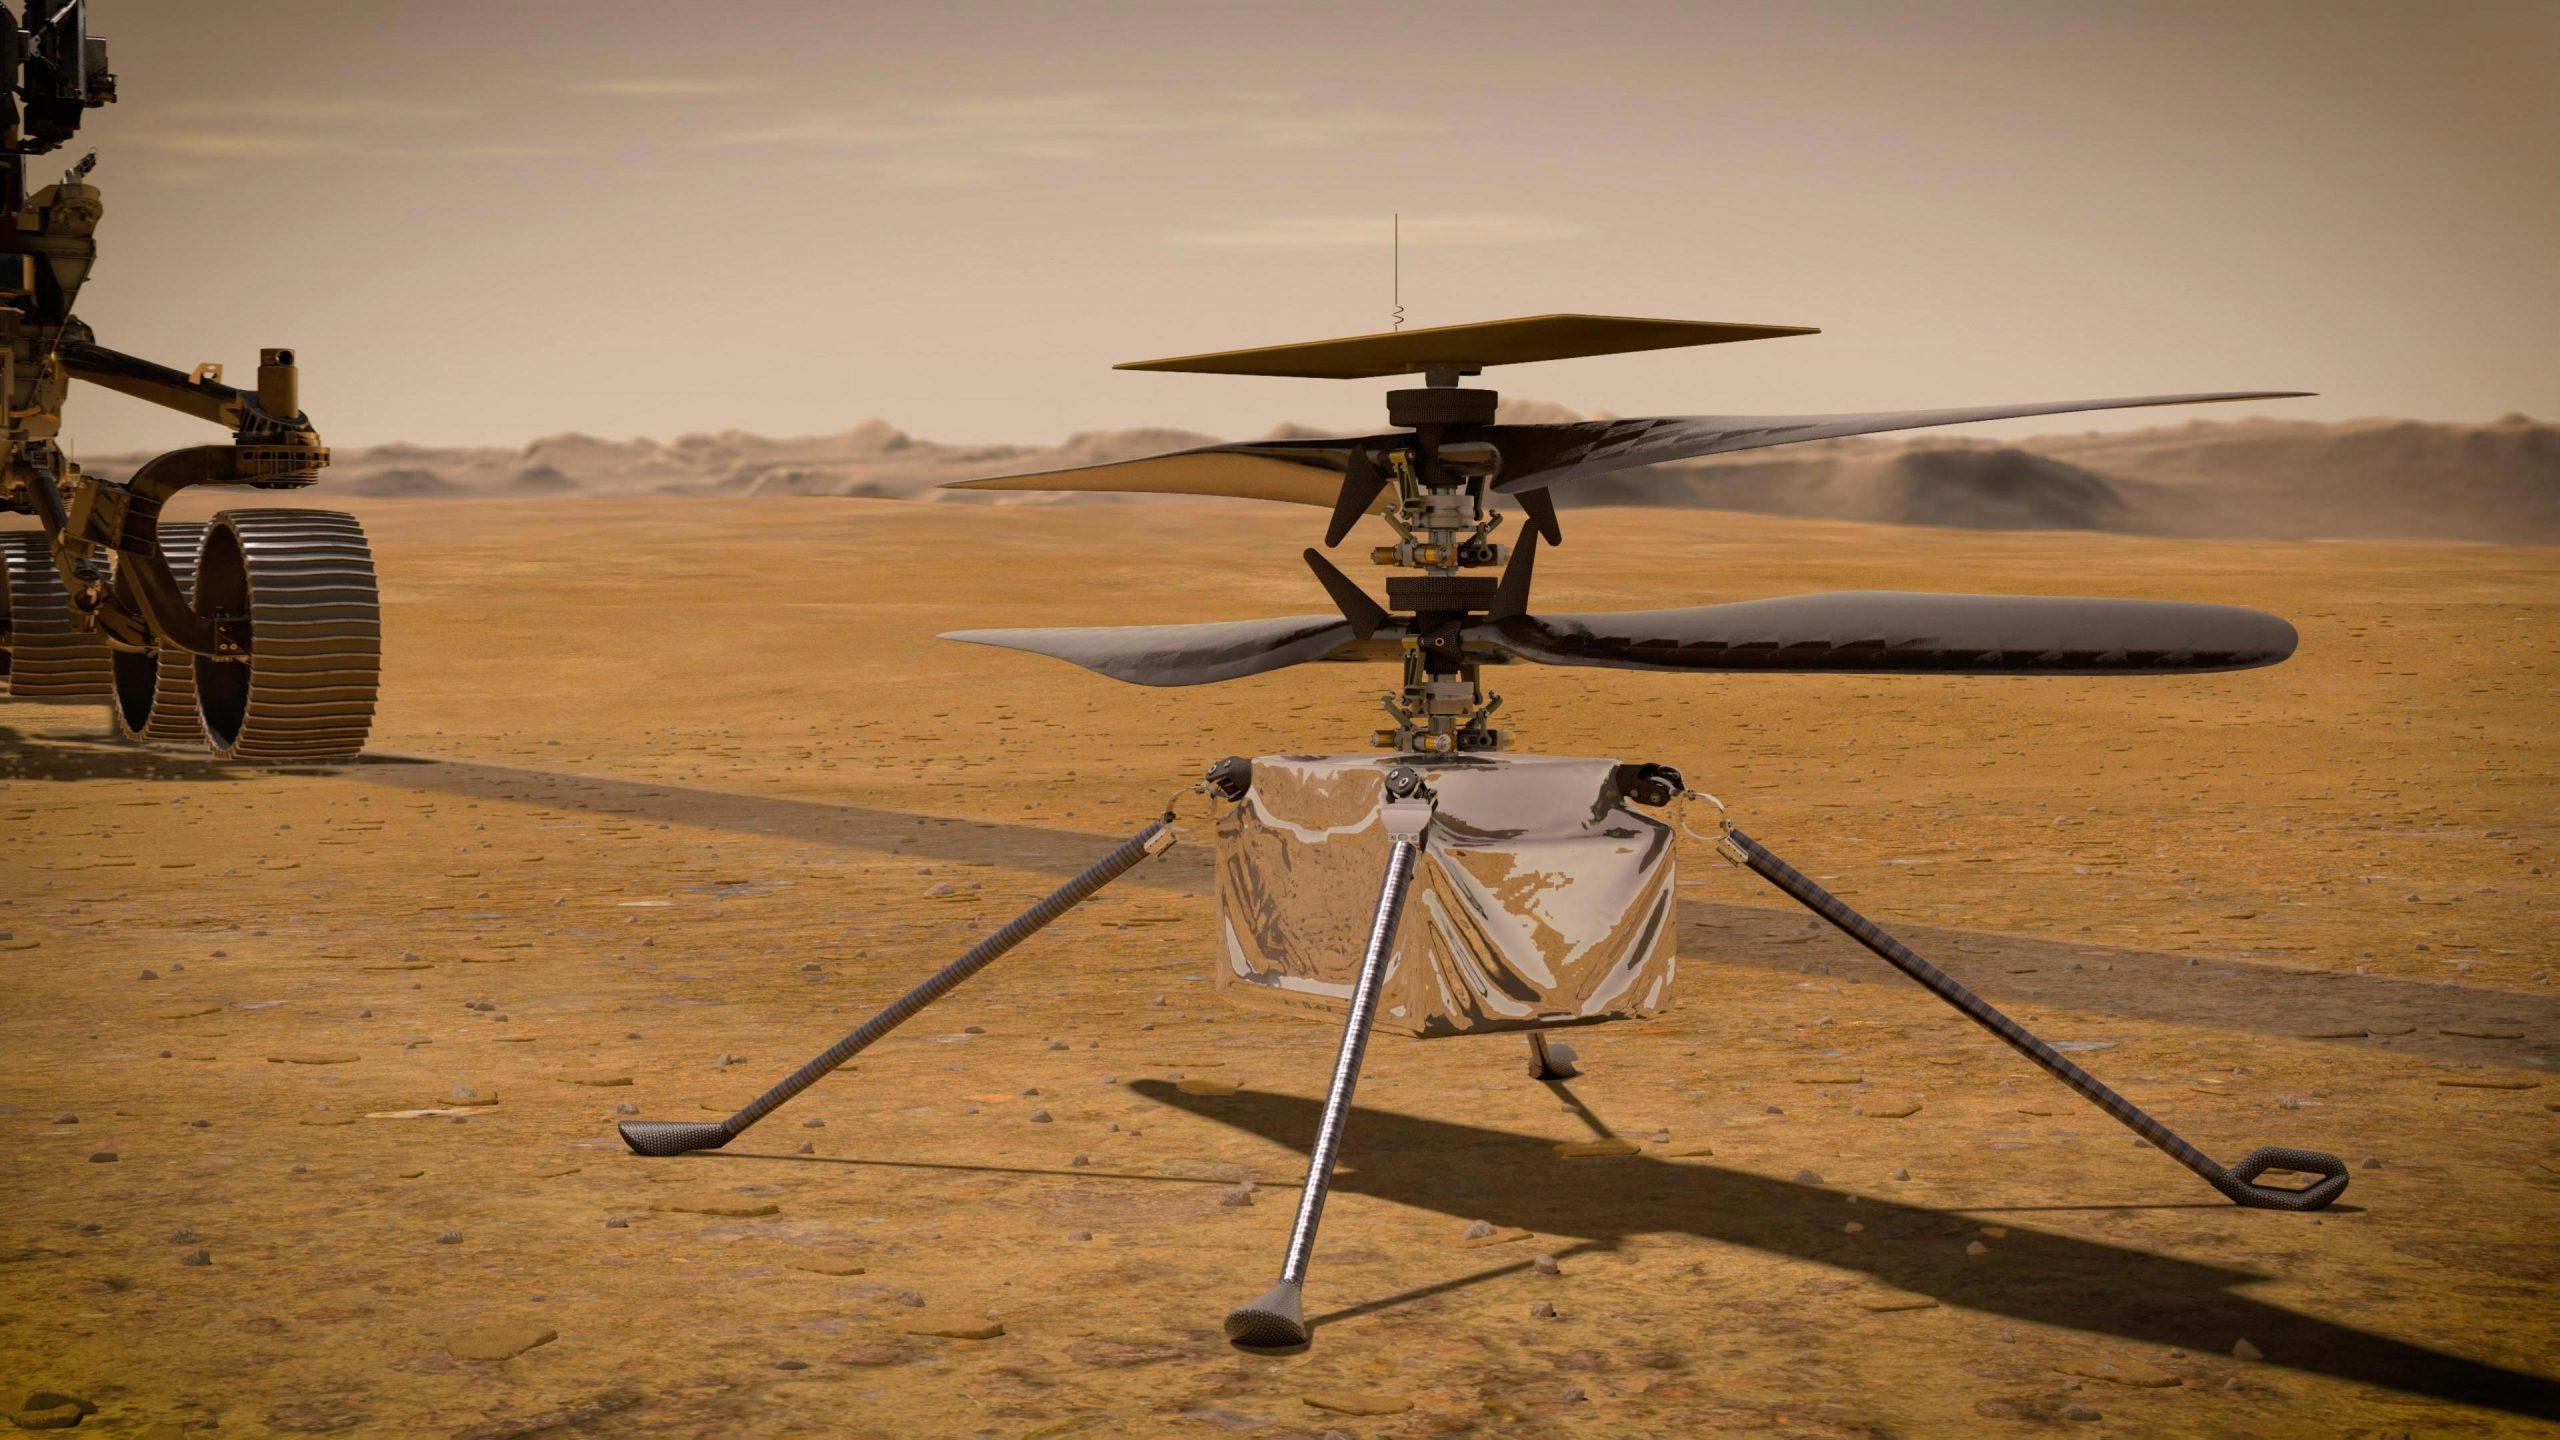 Obrázek: Vozítko Perseverance odhazuje součástky: Brzy vypustí helikoptéru Ingenuity